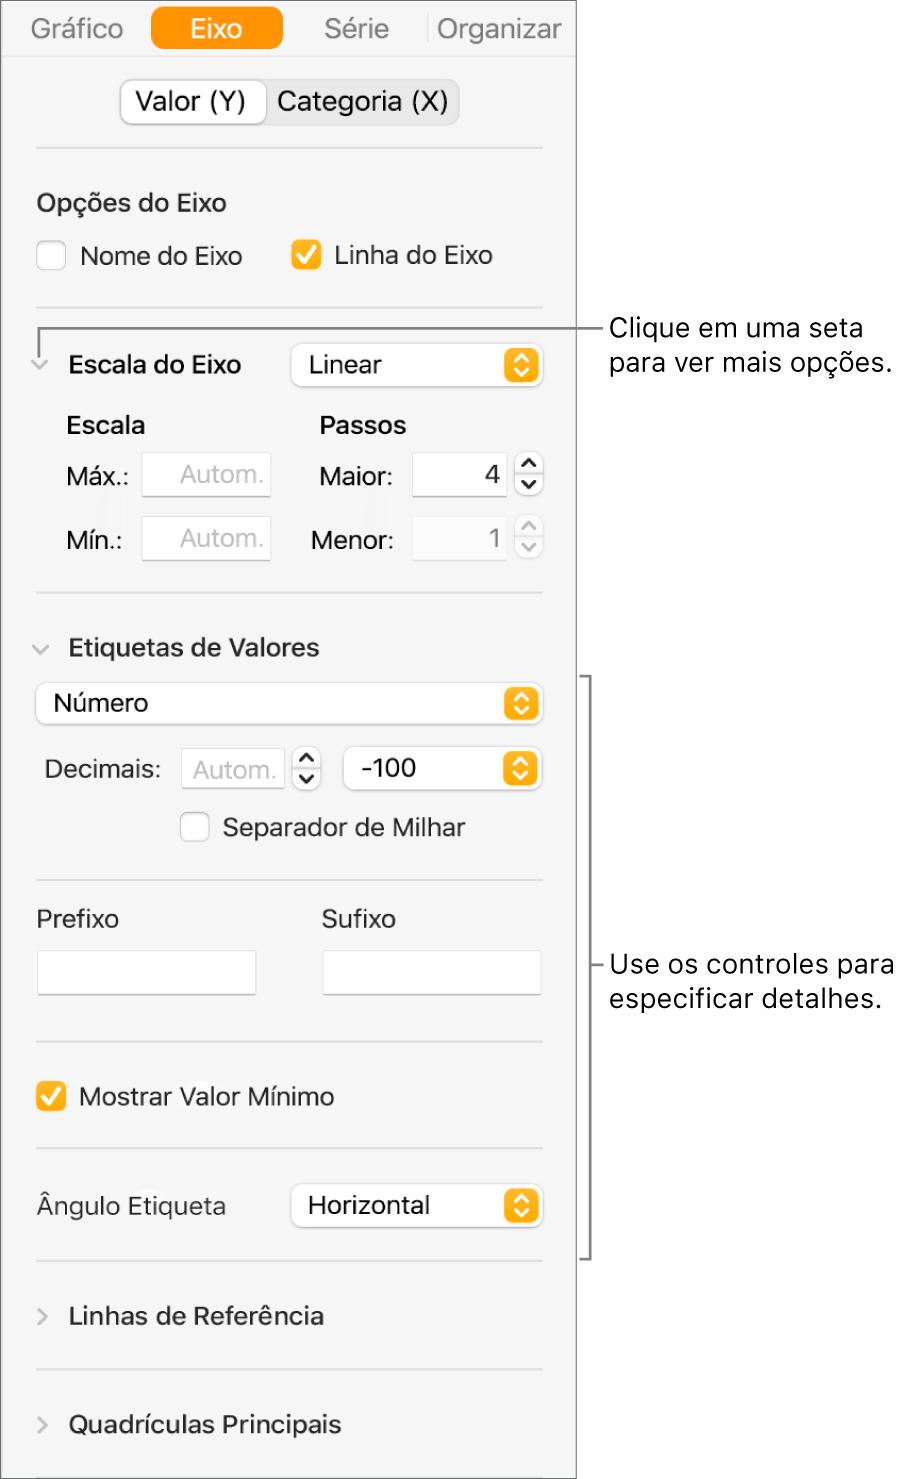 Controles para formatação de marcações de eixo do gráfico.